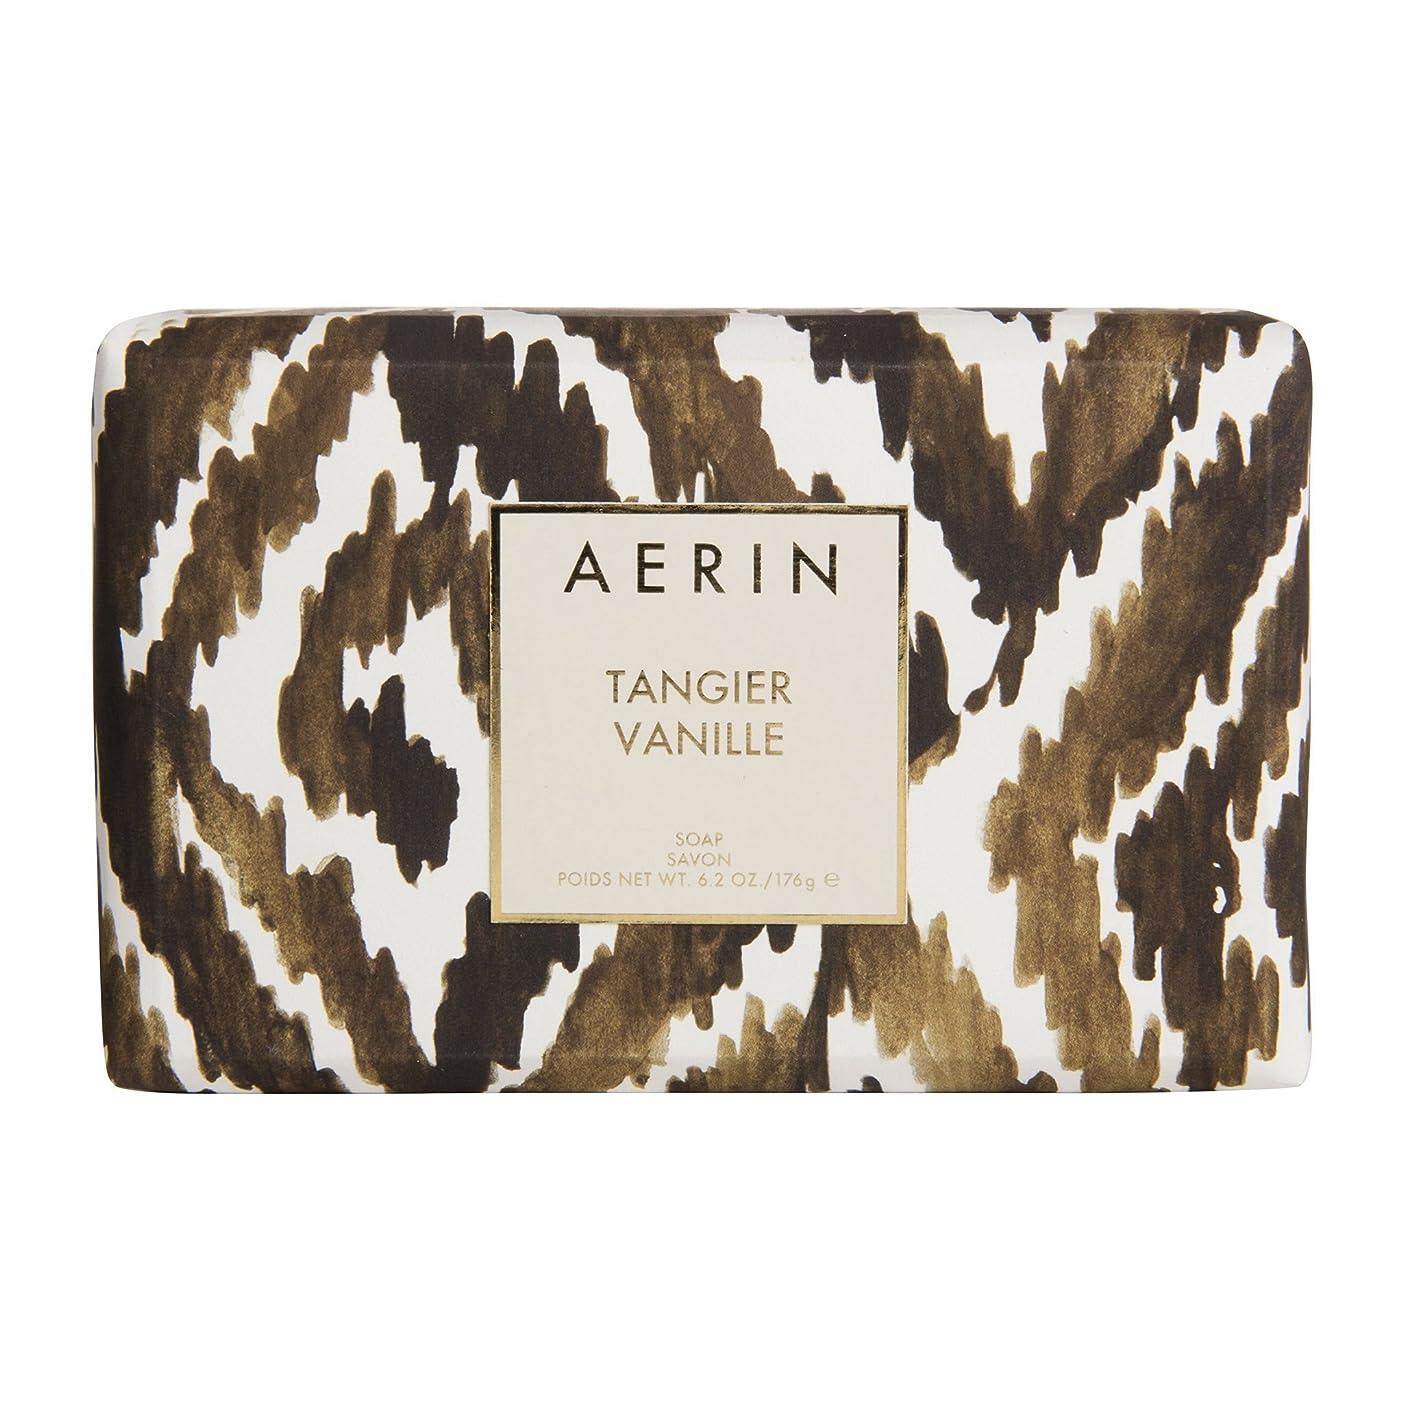 権利を与える腸工場AERIN Tangier Vanille (アエリン タンジヤー バニール) 6.2 oz (186ml) Soap 固形石鹸 by Estee Lauder for Women